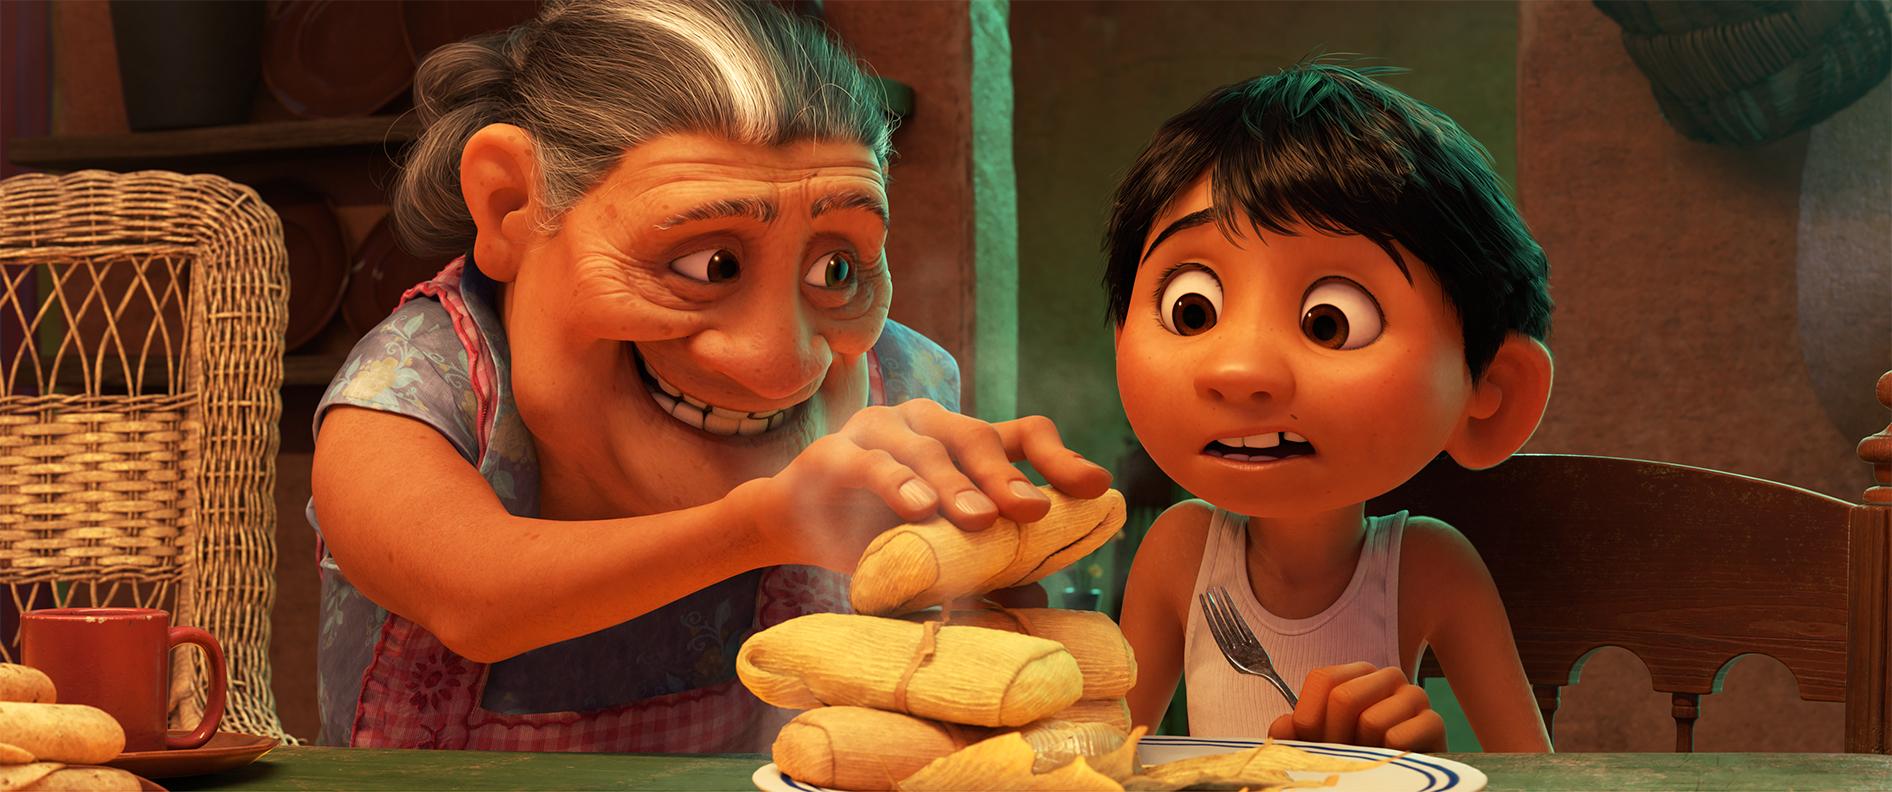 """DAHA FAZLA TAMALES - Disney'de • Pixar'ın """"Coco"""", Miguel'in sevgi dolu büyükannesi Abuelita, Mamá Imelda'nın iki kuşak önce yaptığı gibi Rivera evini yönetiyor.  Felsefeleri basittir: Ayakkabıcılık işinde aile içinde çalışın, daha fazla tamales yiyin ve en önemlisi """"Müzik yok!""""  Abuelita olarak Renée Victor ve Miguel olarak Anthony Gonzalez'in sesleriyle Disney, Pixar'ın """"Coco"""" adlı filmi 22 Kasım 2017'de ABD tiyatrolarında açılıyor. © 2017 Disney • Pixar.  Tüm hakları Saklıdır."""